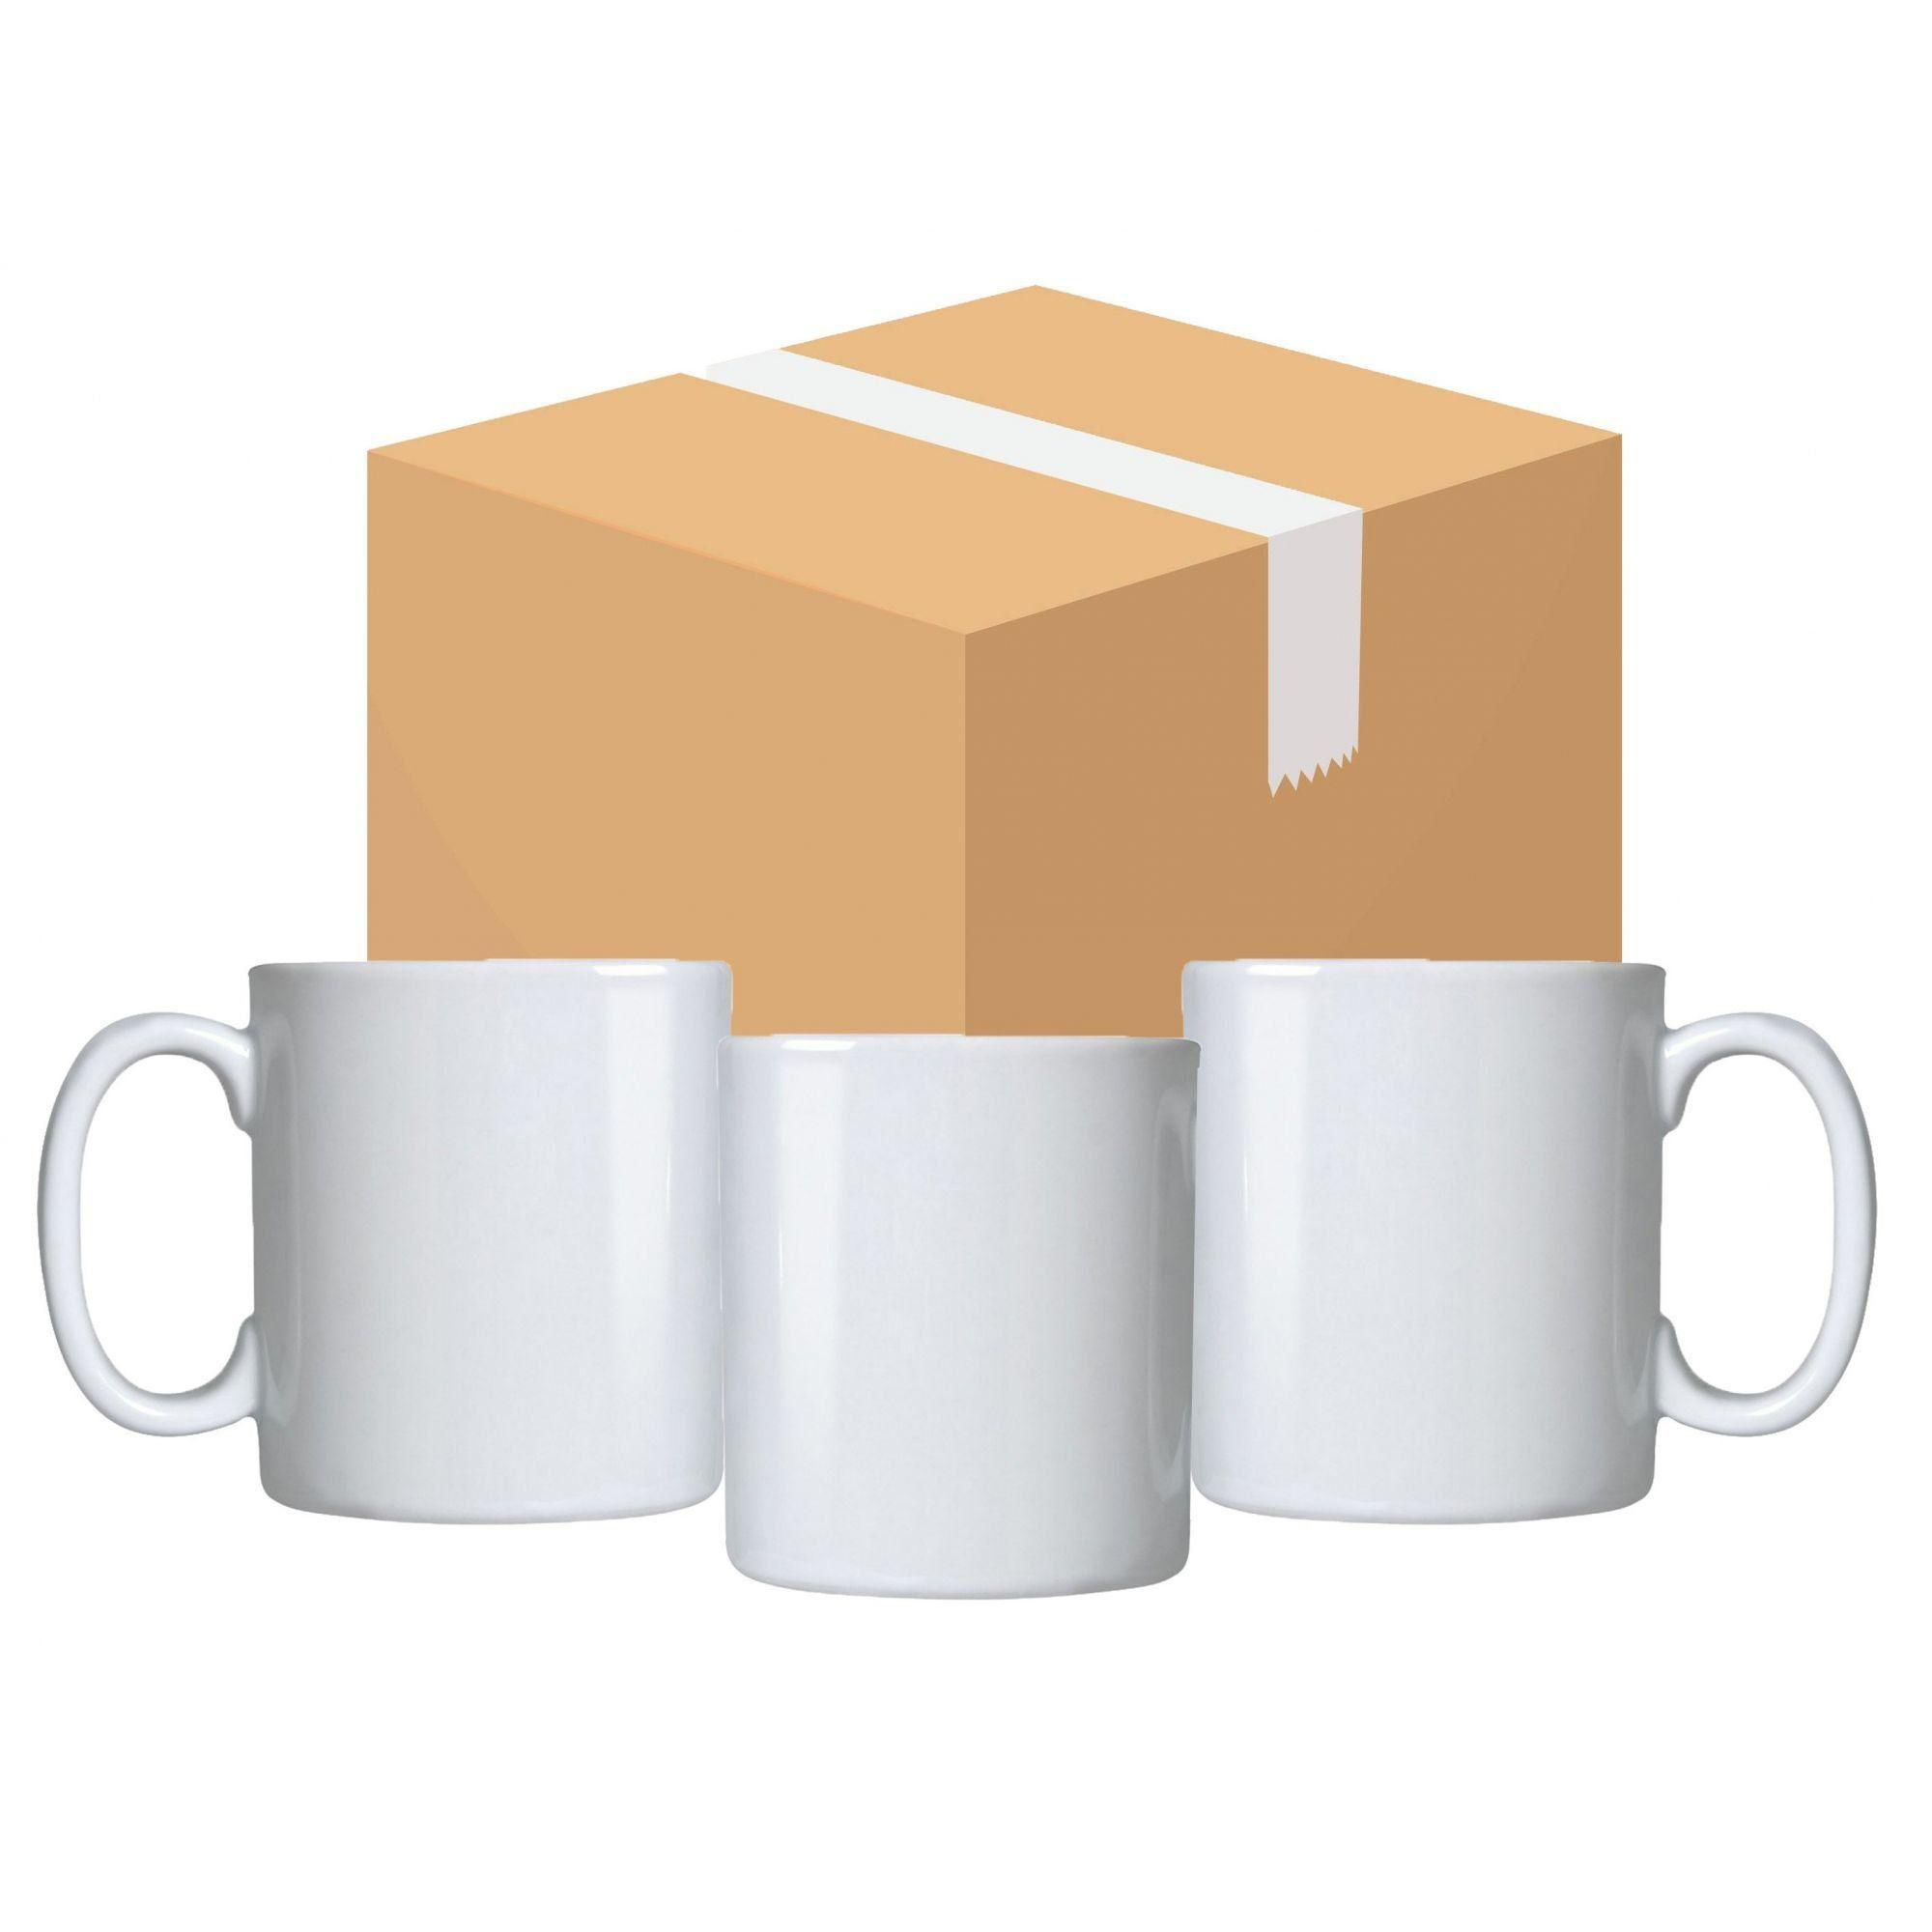 Caneca Branca Para Sublimação - Classe AAA - Mecoulor - 325ml - Caixa Com 48 Unidades